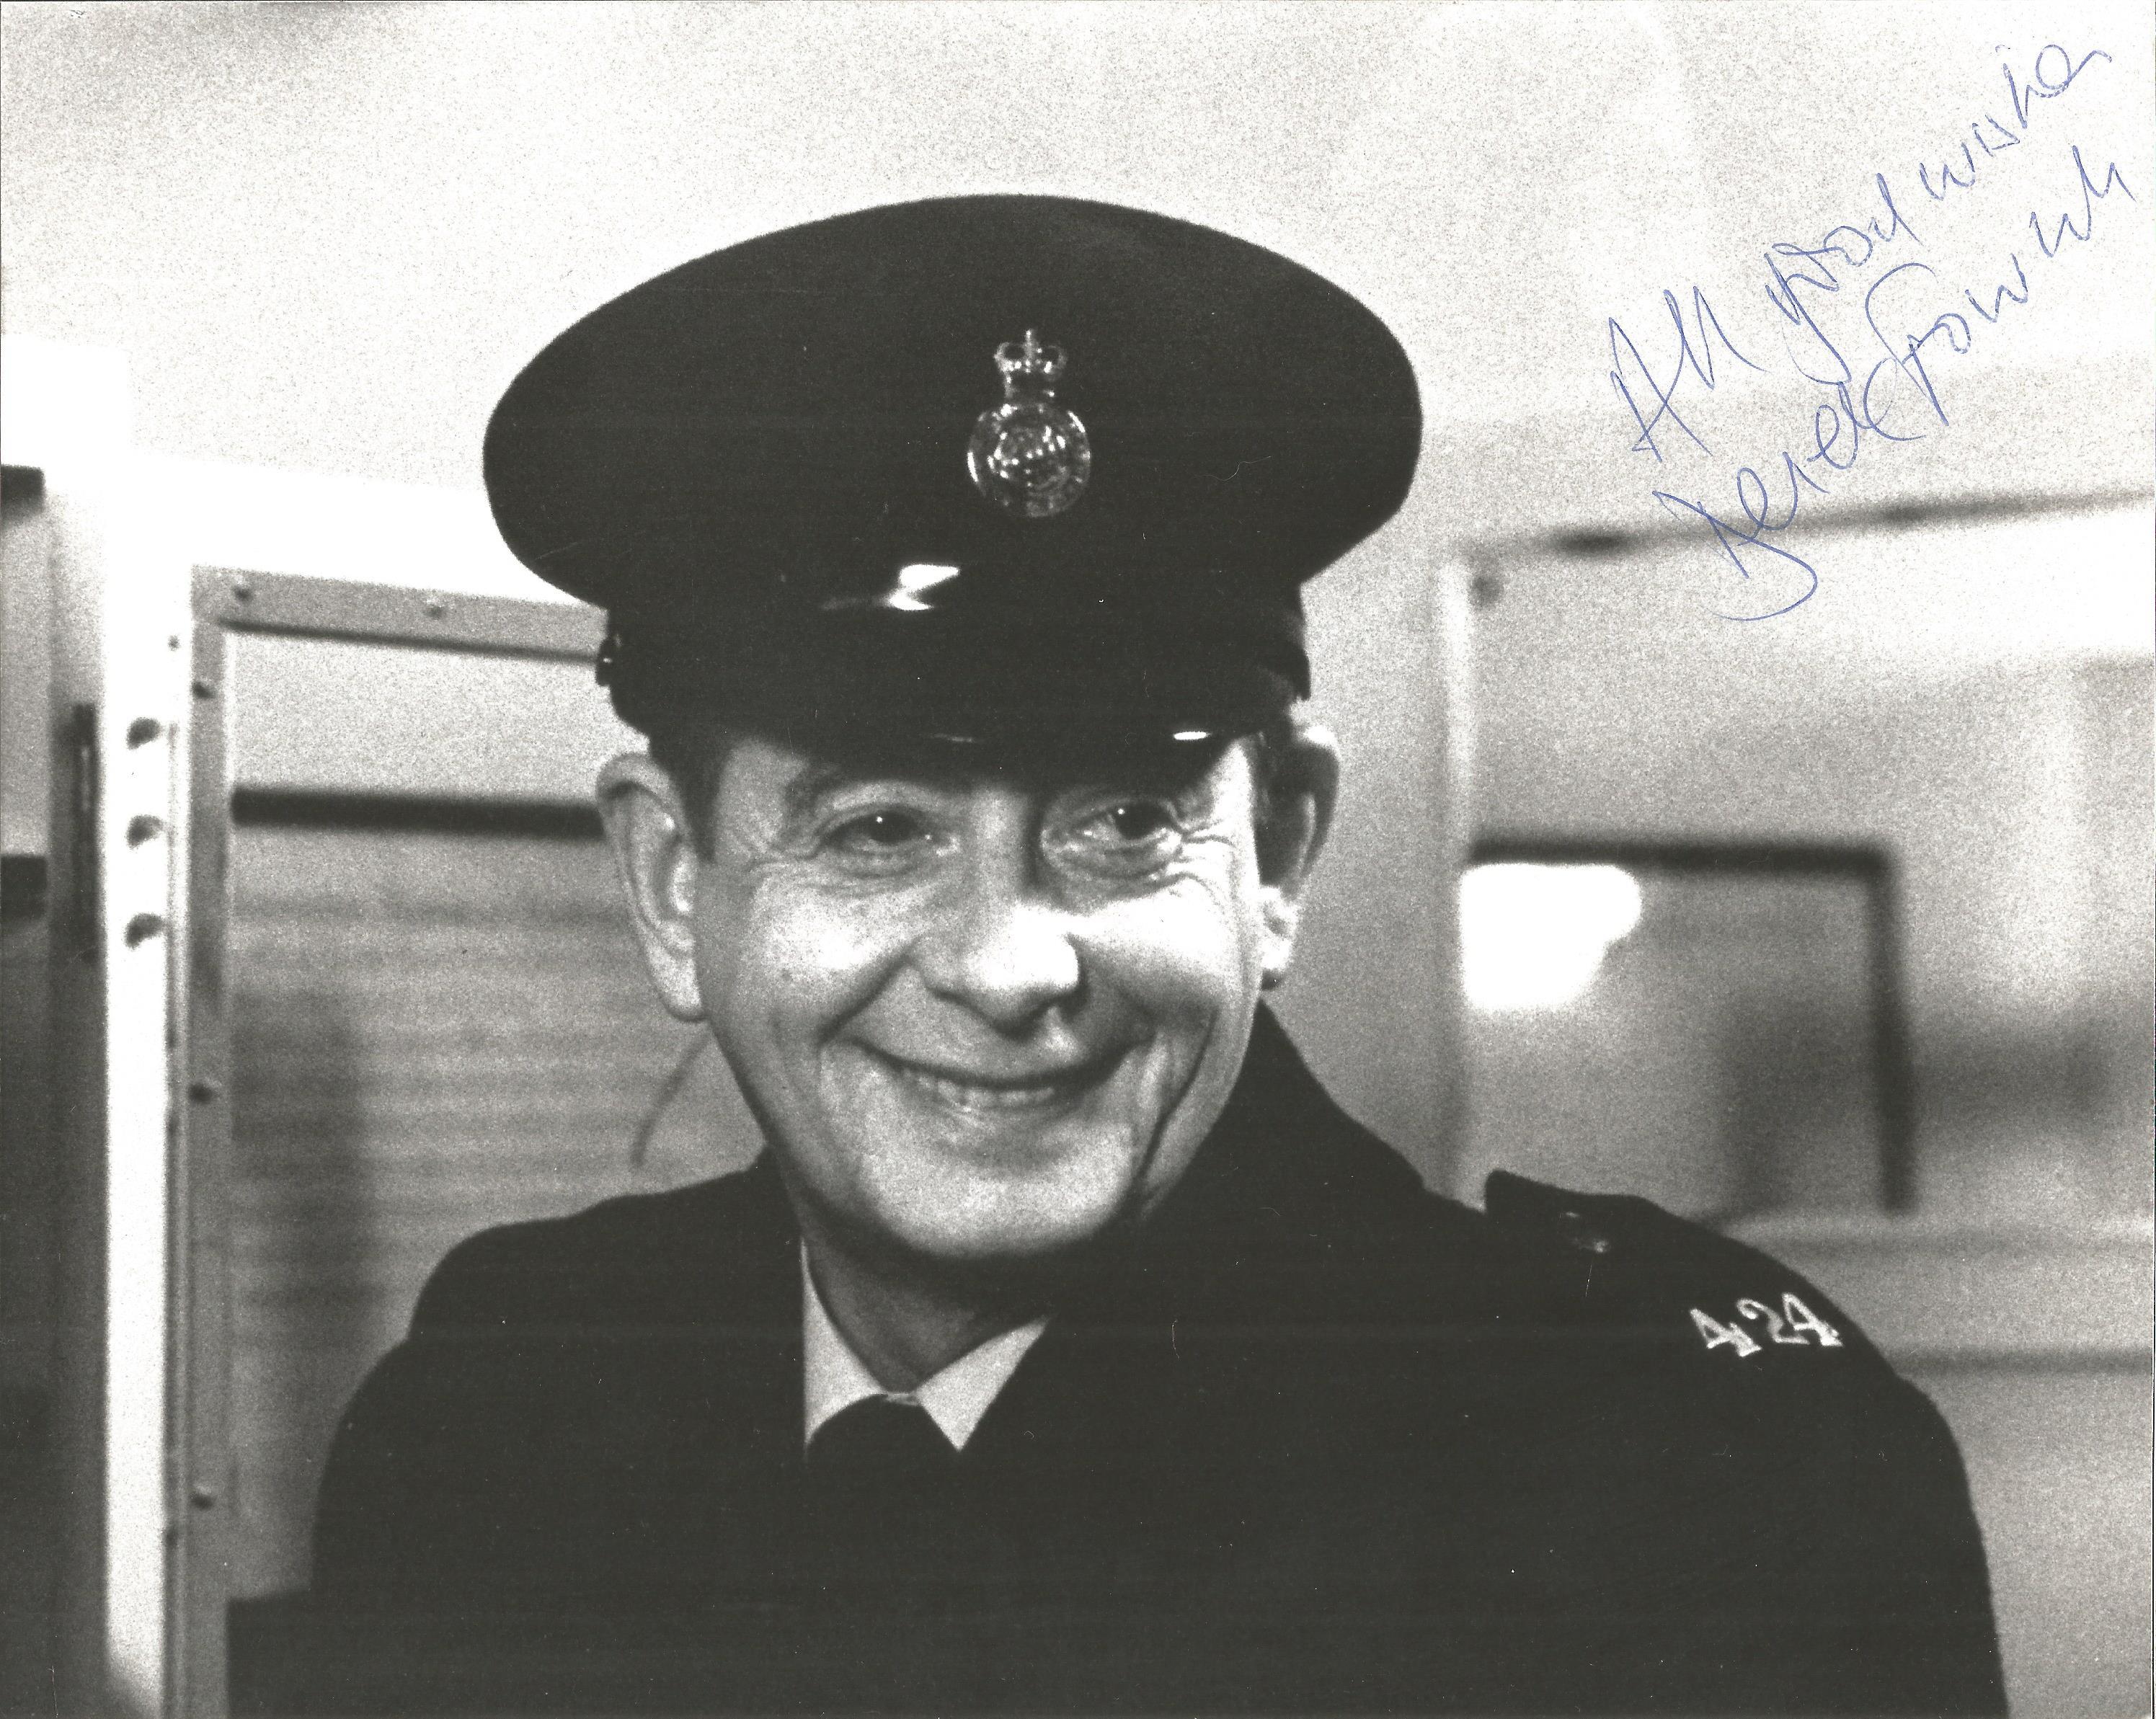 Derek Fowlds signed 10x8 black and white photo. Derek James Fowlds (2 September 1937 - 17 January